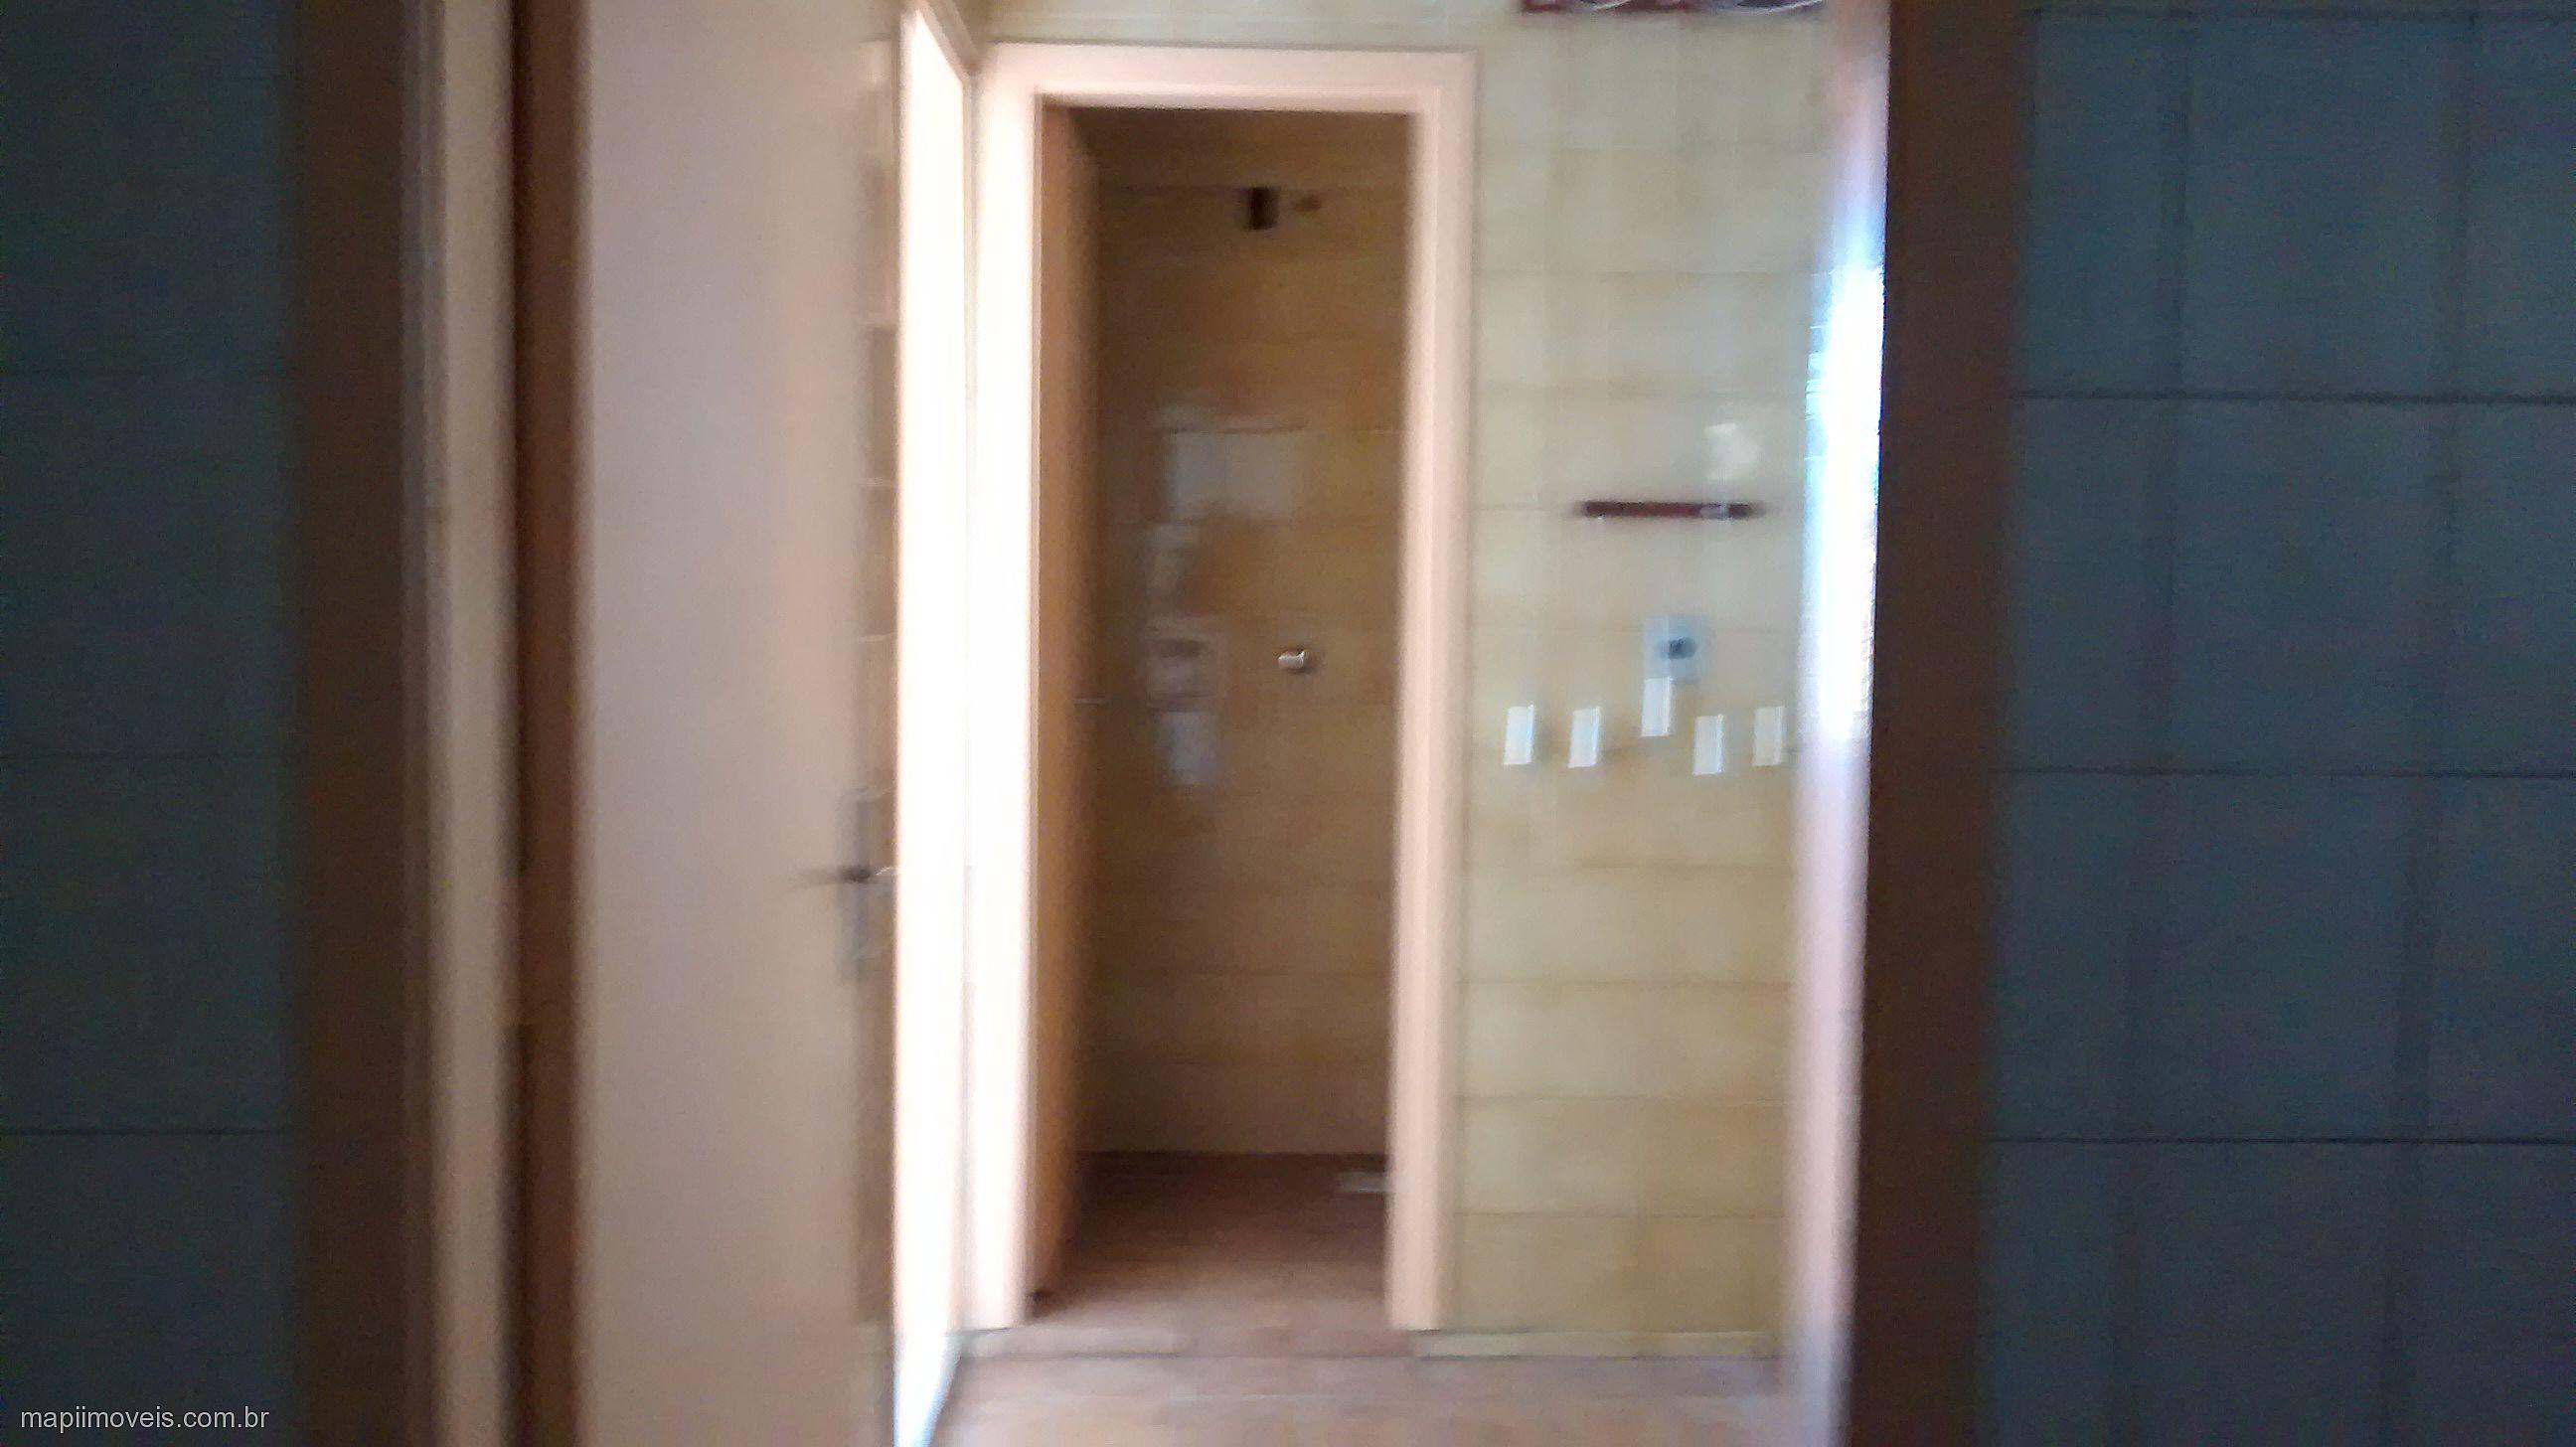 Mapi Imóveis - Apto 2 Dorm, Rio Branco (284762) - Foto 3